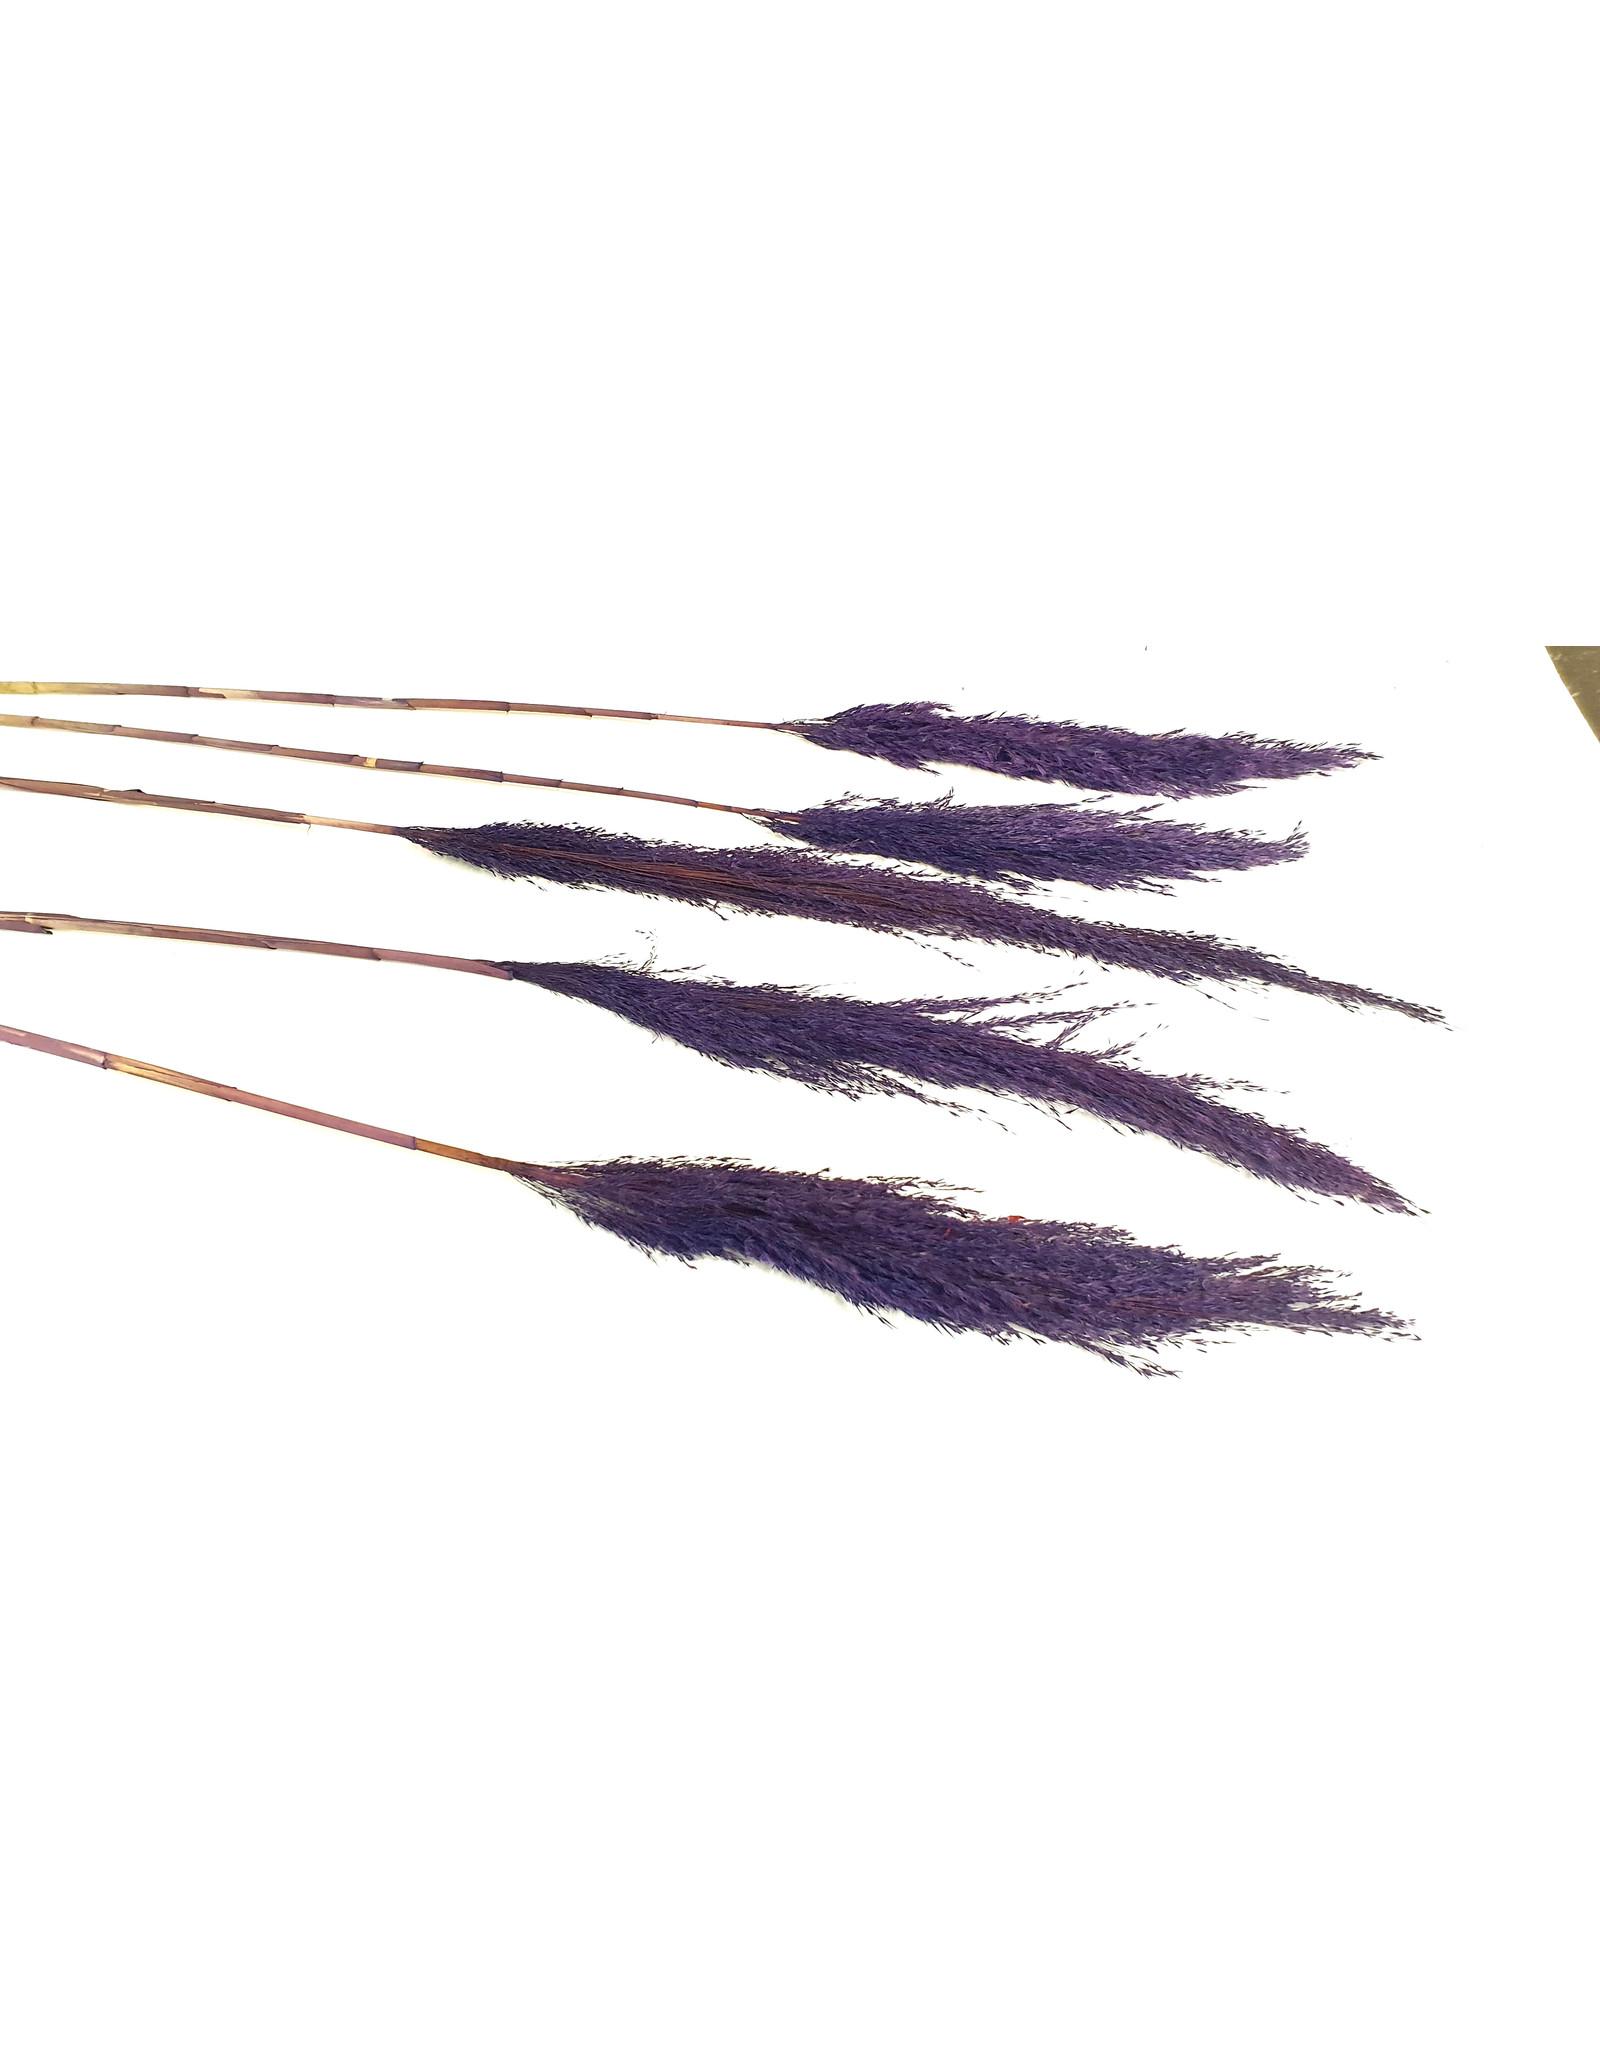 Pampas Grass lenght 120cm 5 stem per bunch Purple x 6